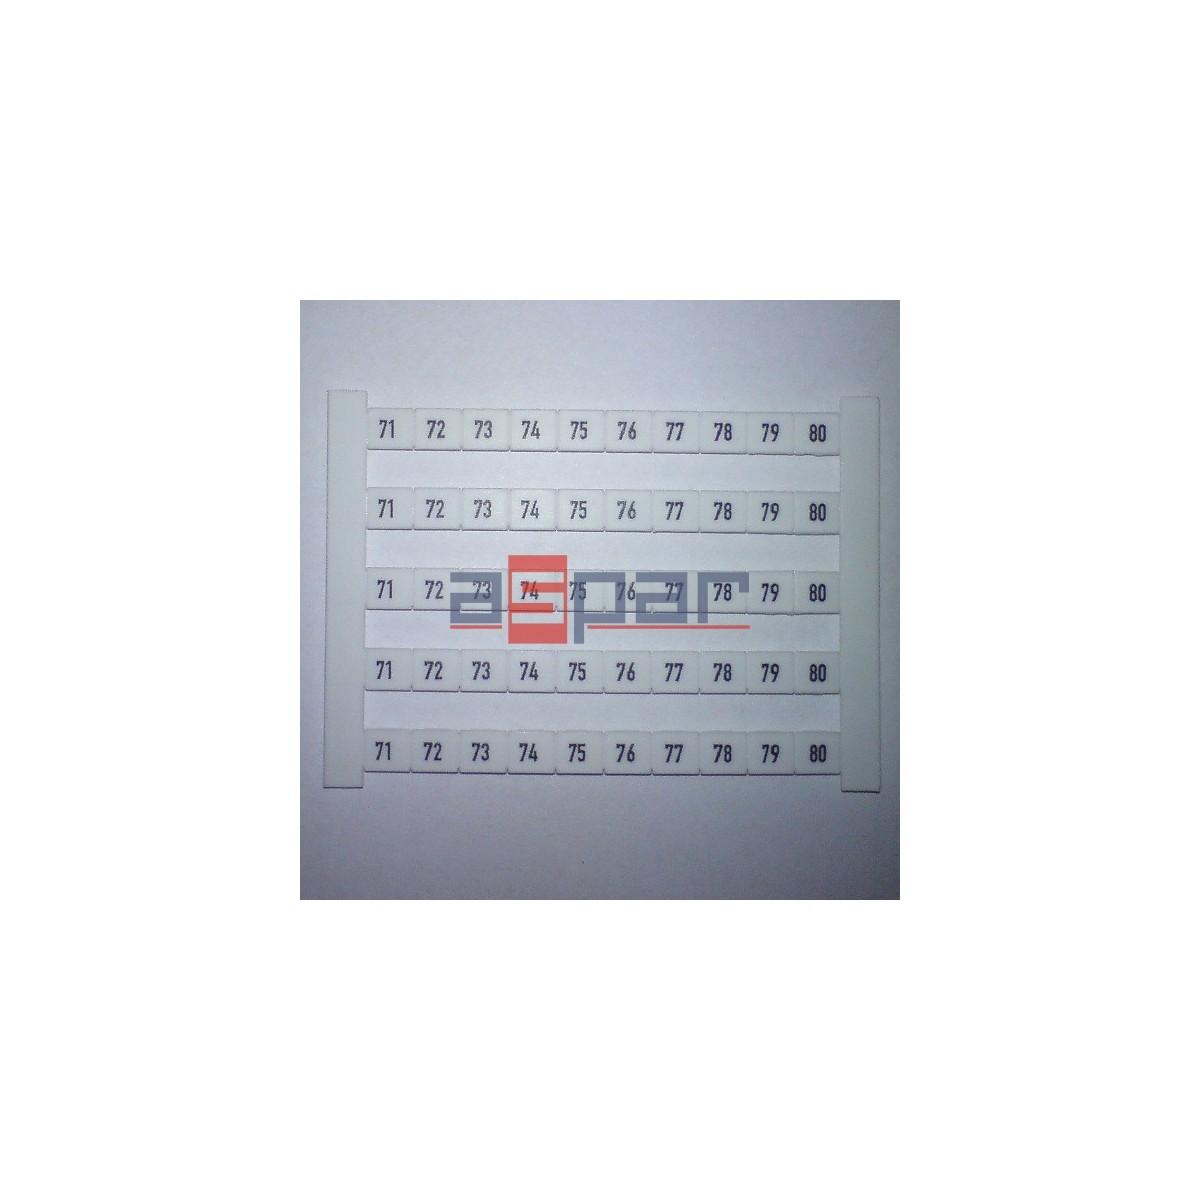 Oznacznik poziomy DEK 6 FWZ 71-80, 0518960071